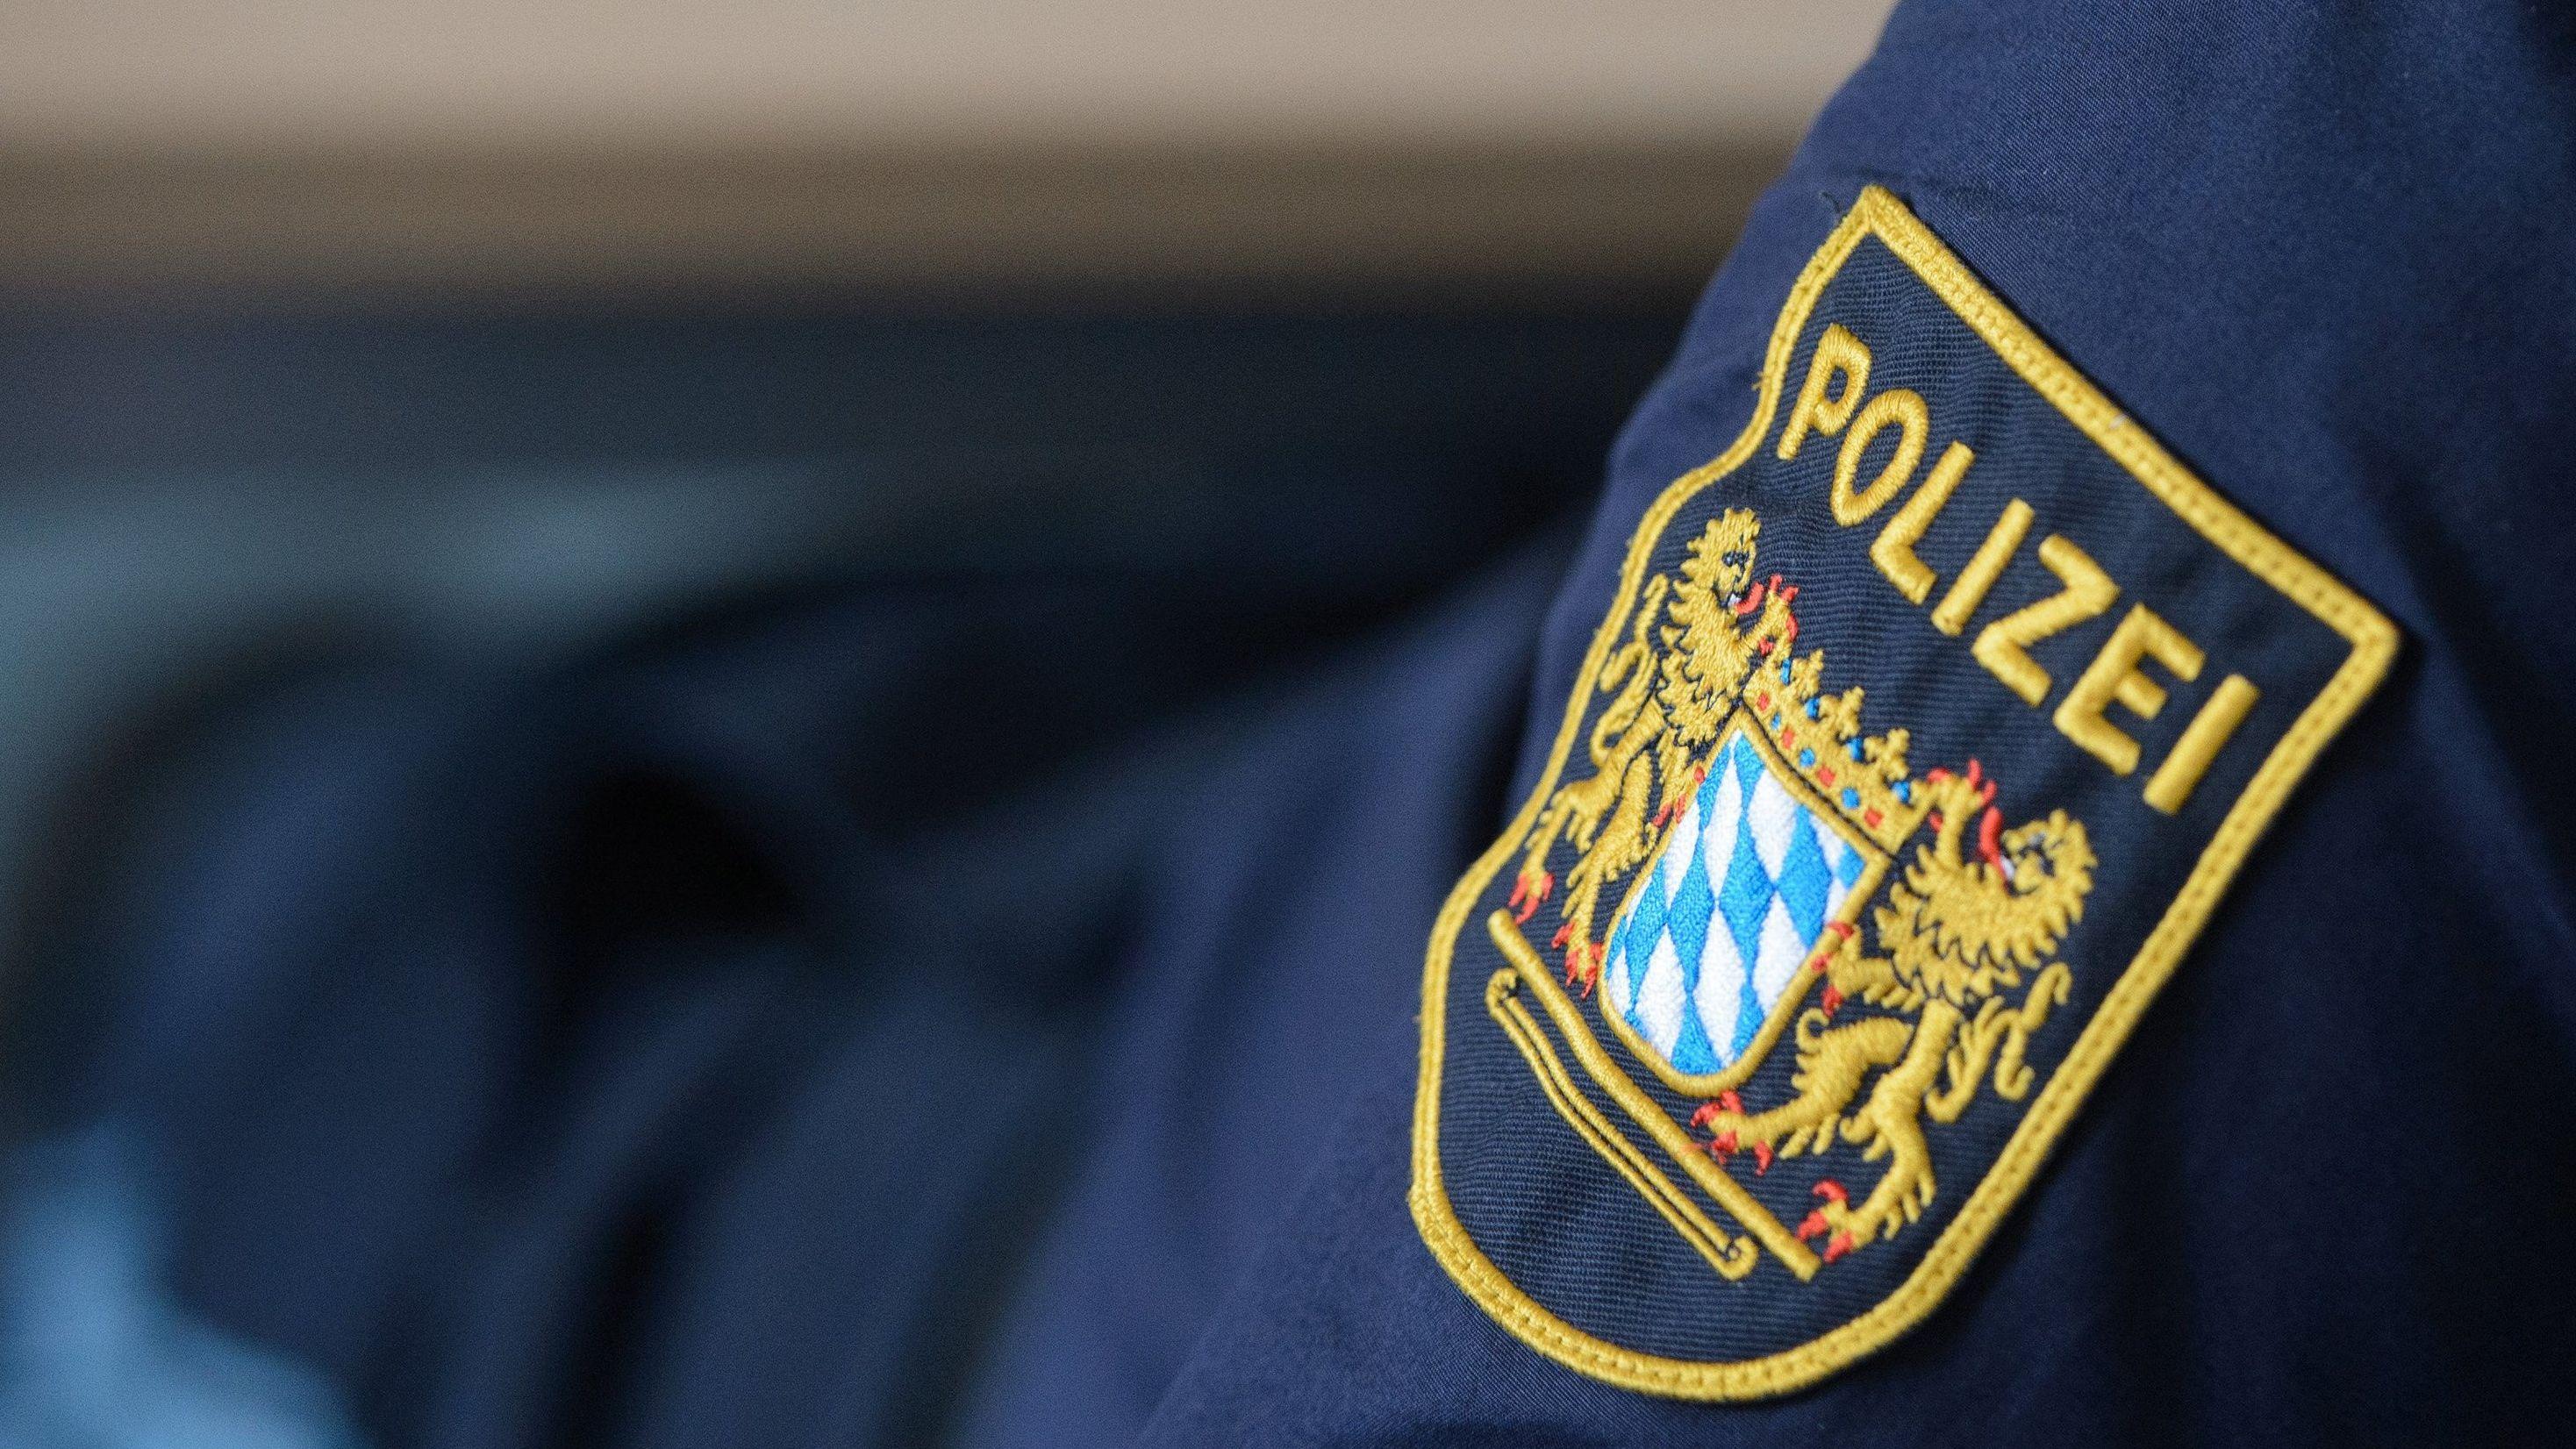 Urteil im Prozess gegen einen Polizisten